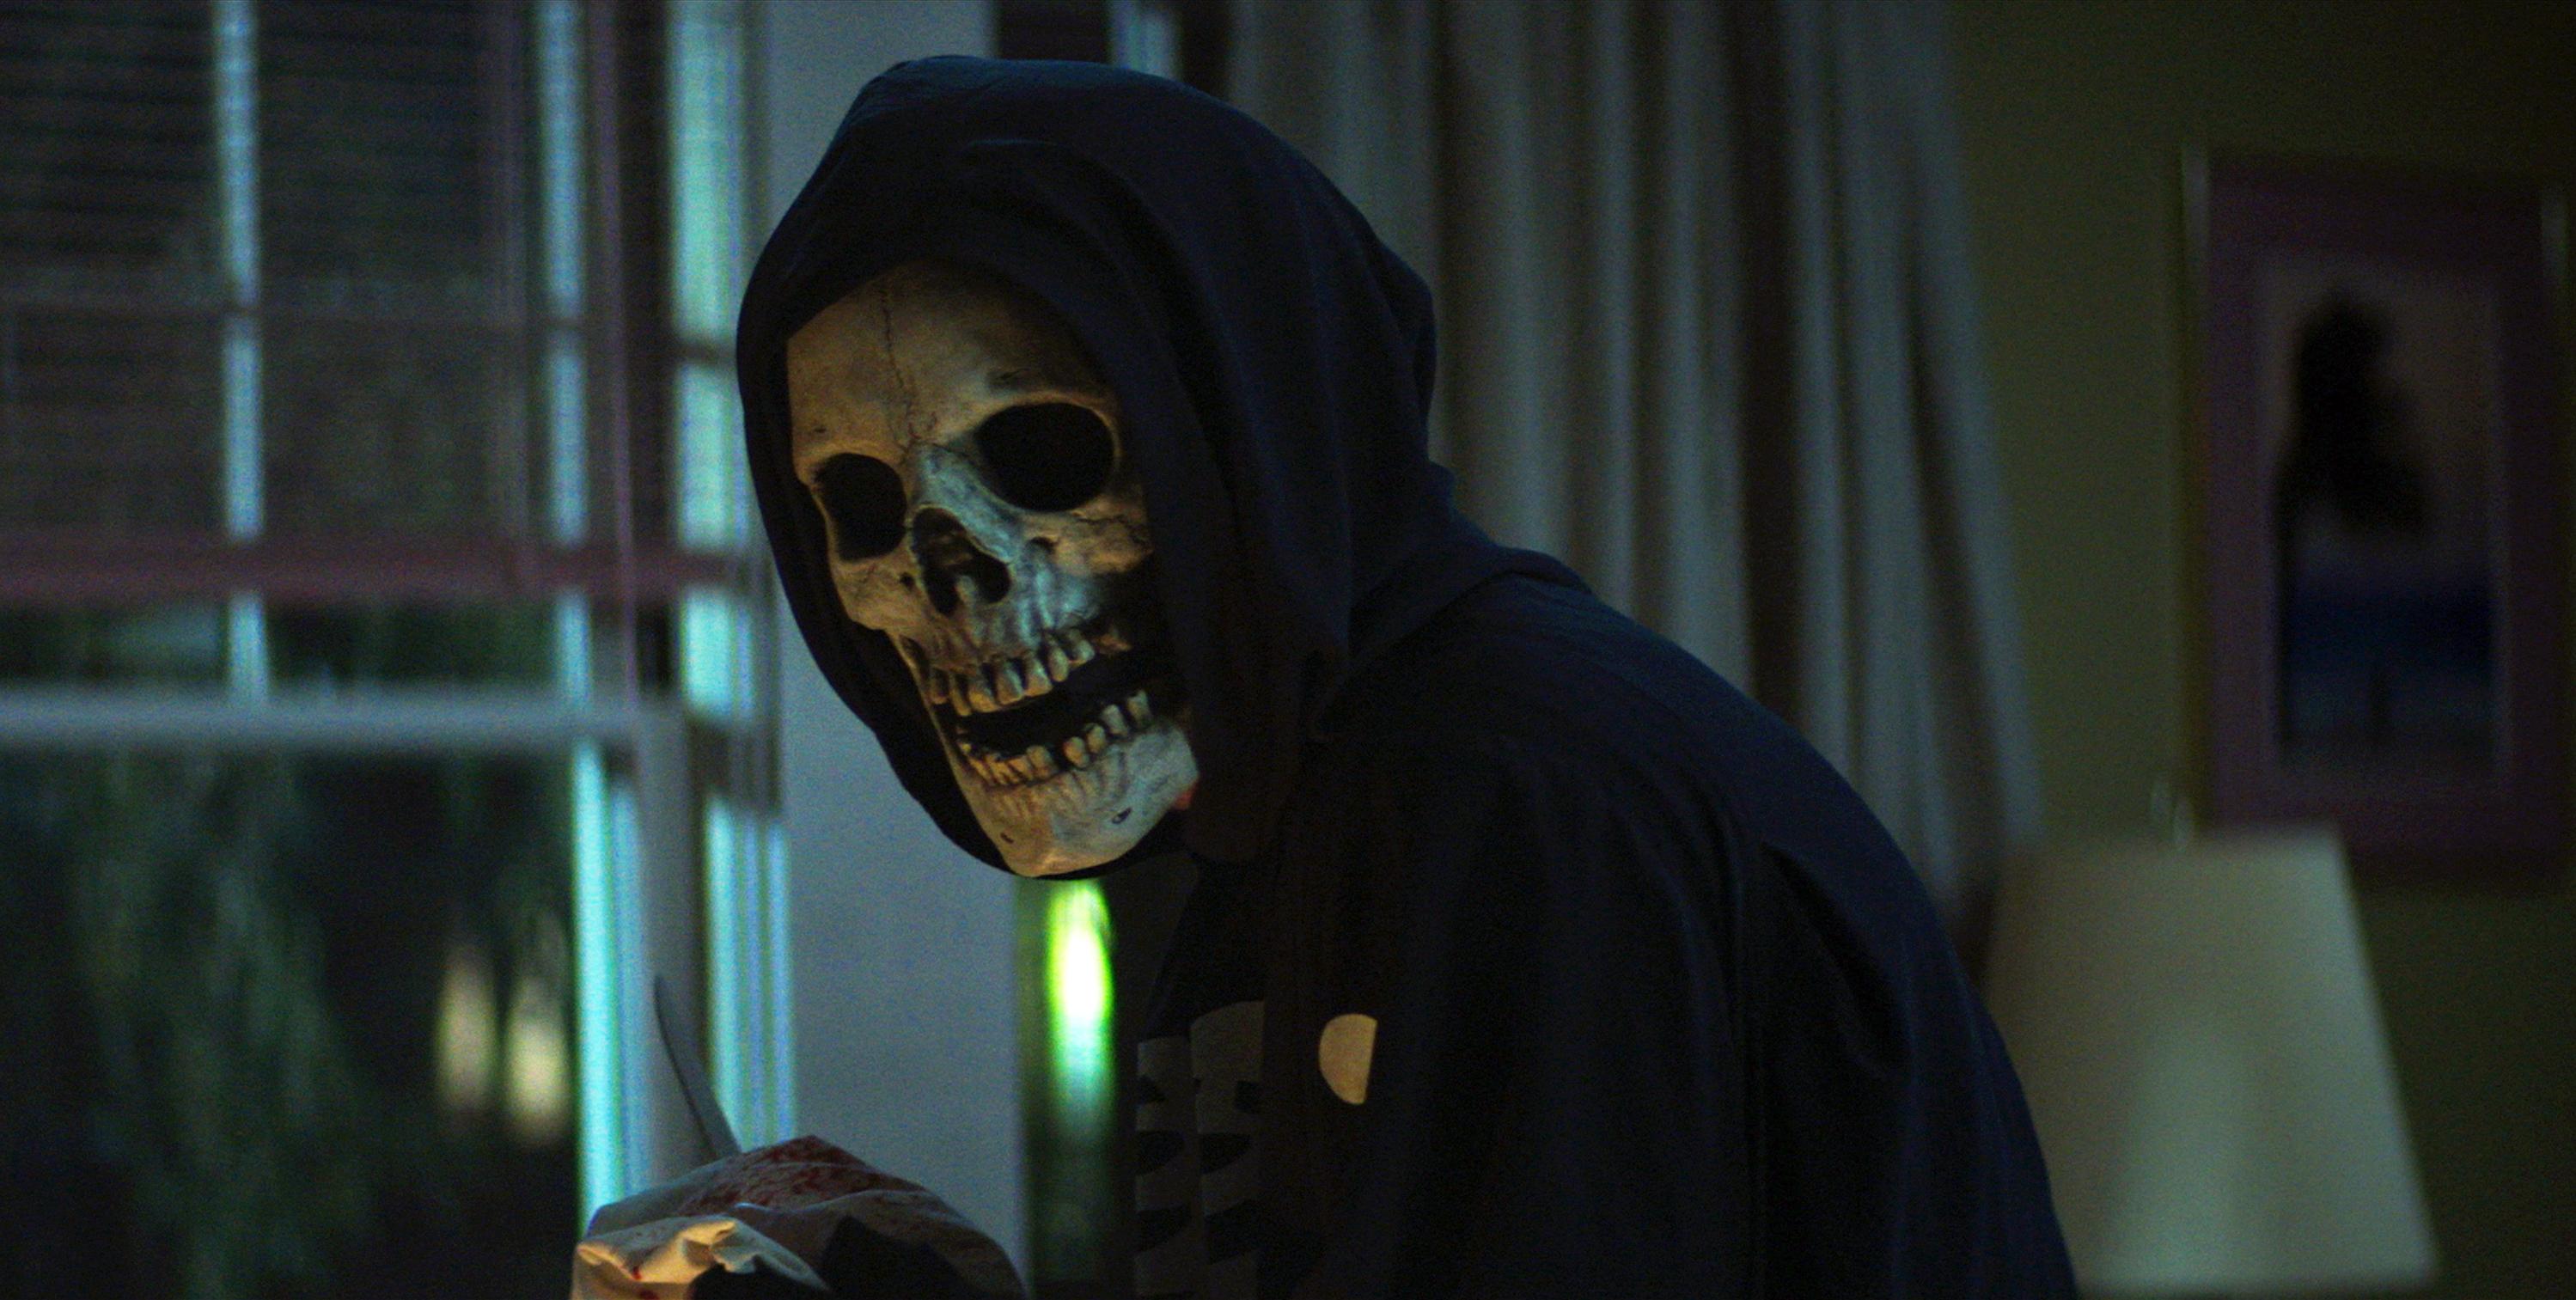 The Skull Mask Killer in Fear Street: 1994